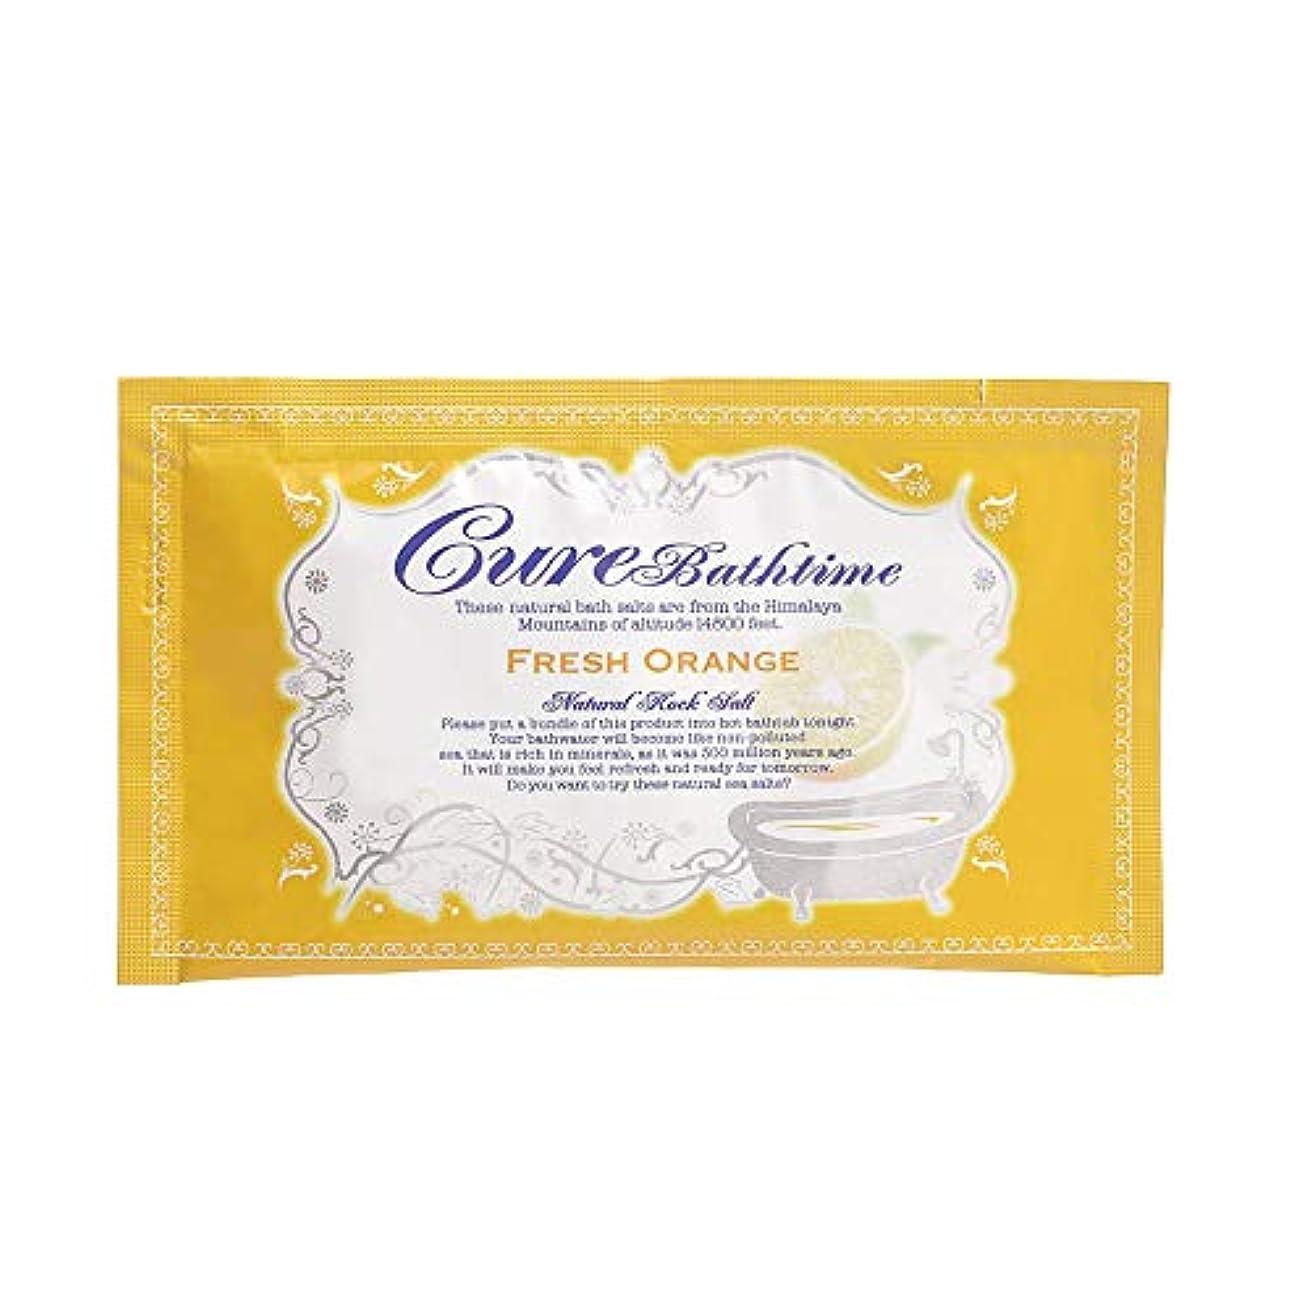 Cureバスタイム 天然ヒマラヤ岩塩バスソルト フレッシュオレンジの香り 16包セット